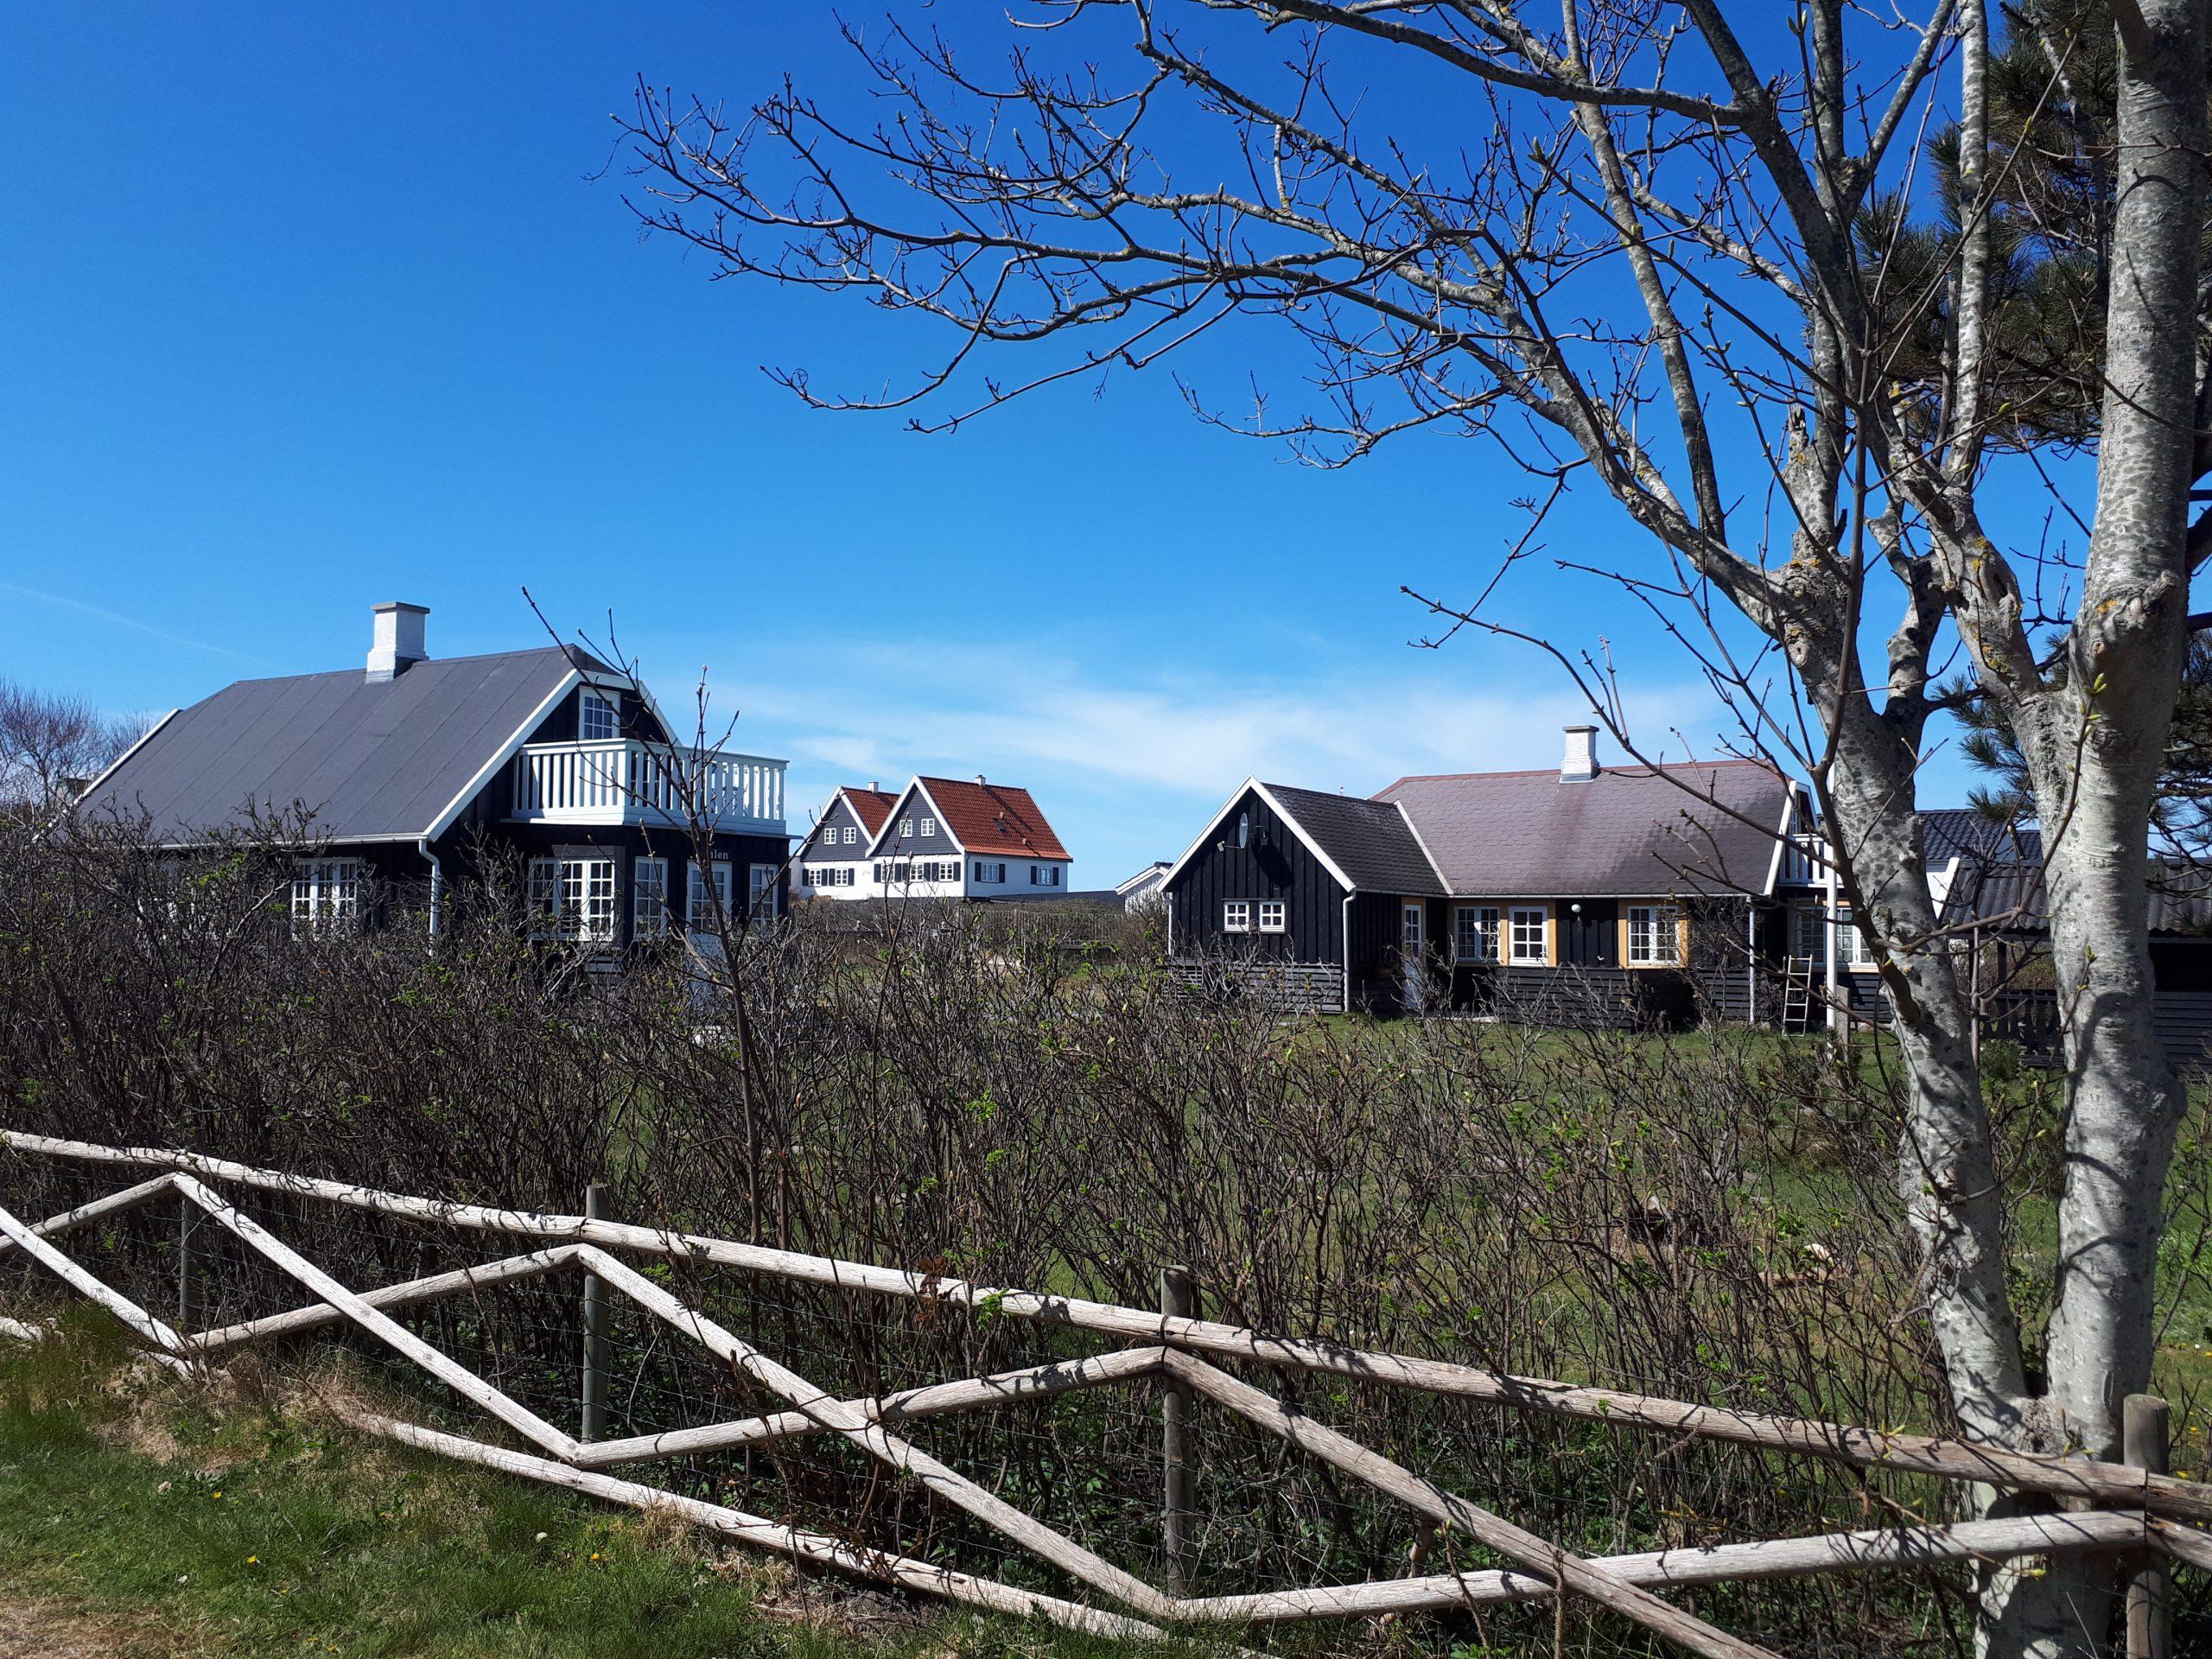 På grund af coronakrisen over regeringens skiftende udmeldinger om de danske rejsevejledninger holder mange flere danskere end normalt i år ferie i et sommerhus. Arkivfoto: Henrik Baumgarten.